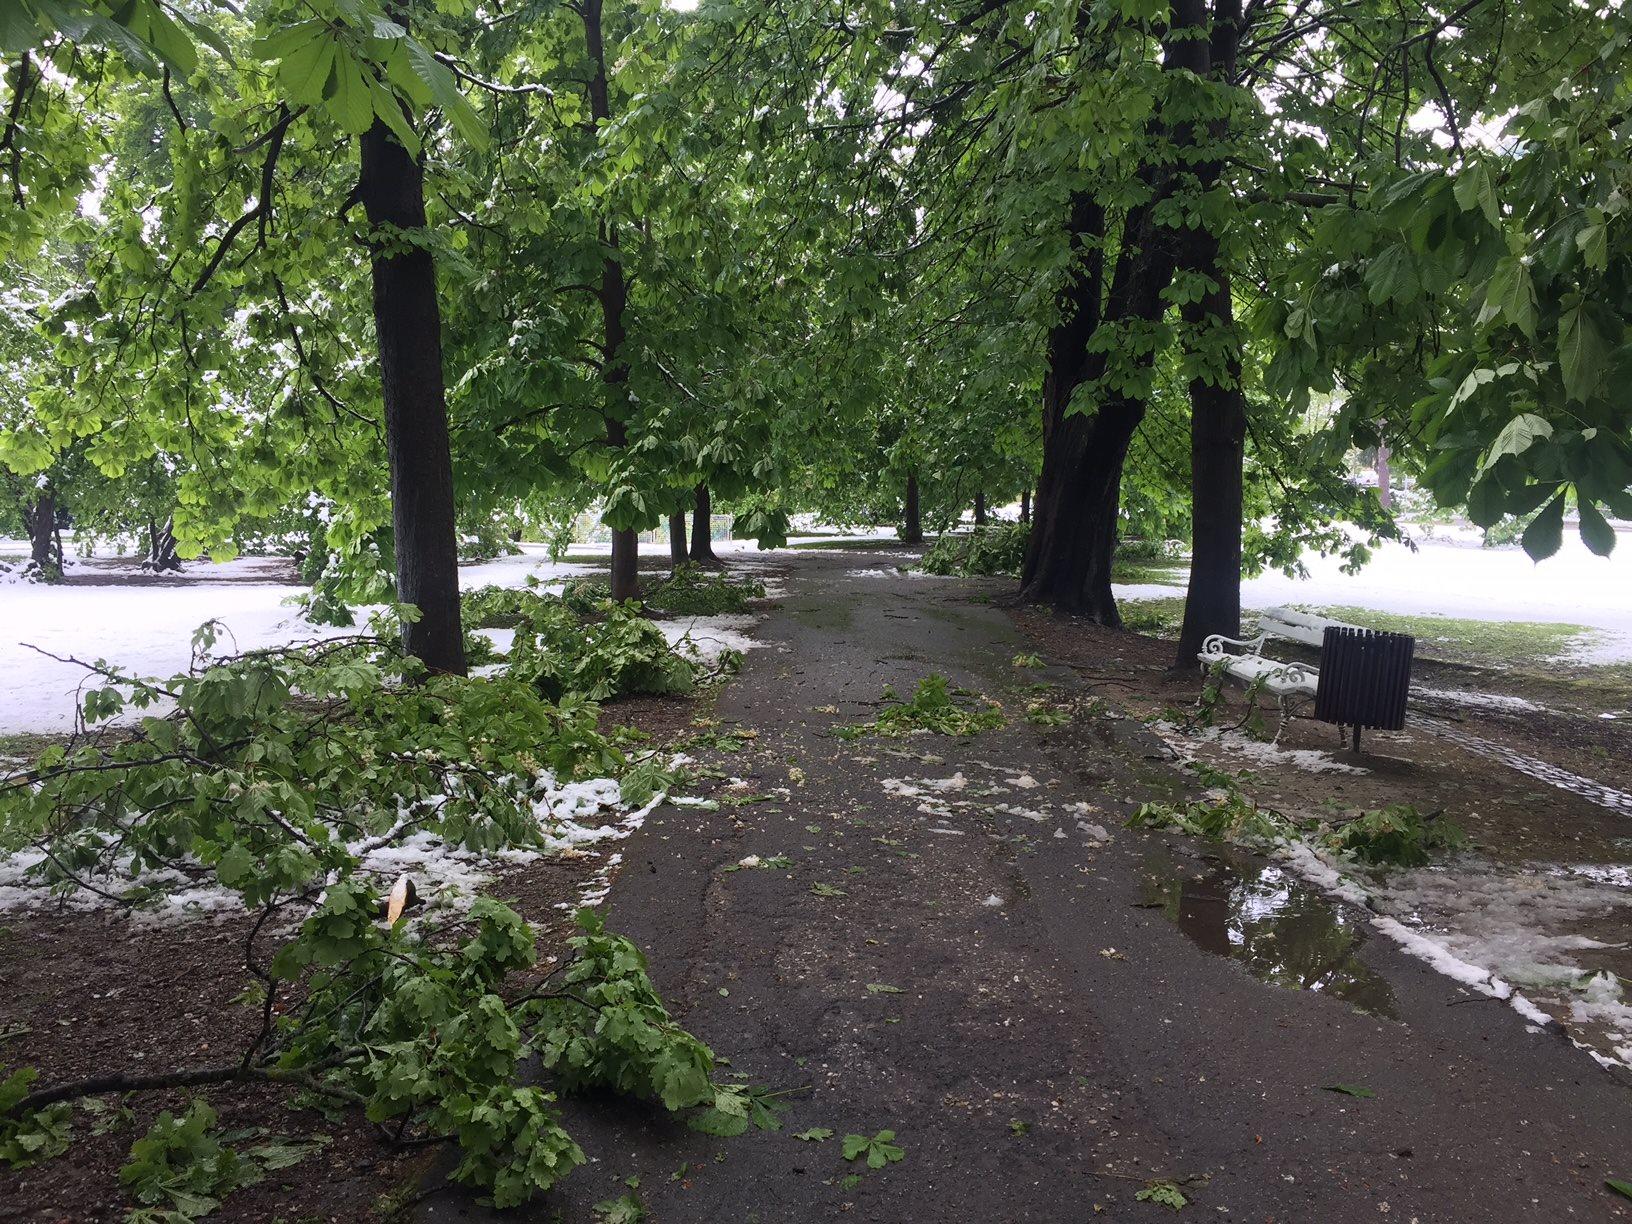 Mariborski mestni parki so zaradi nevarnosti za sprehajalce zaprti.